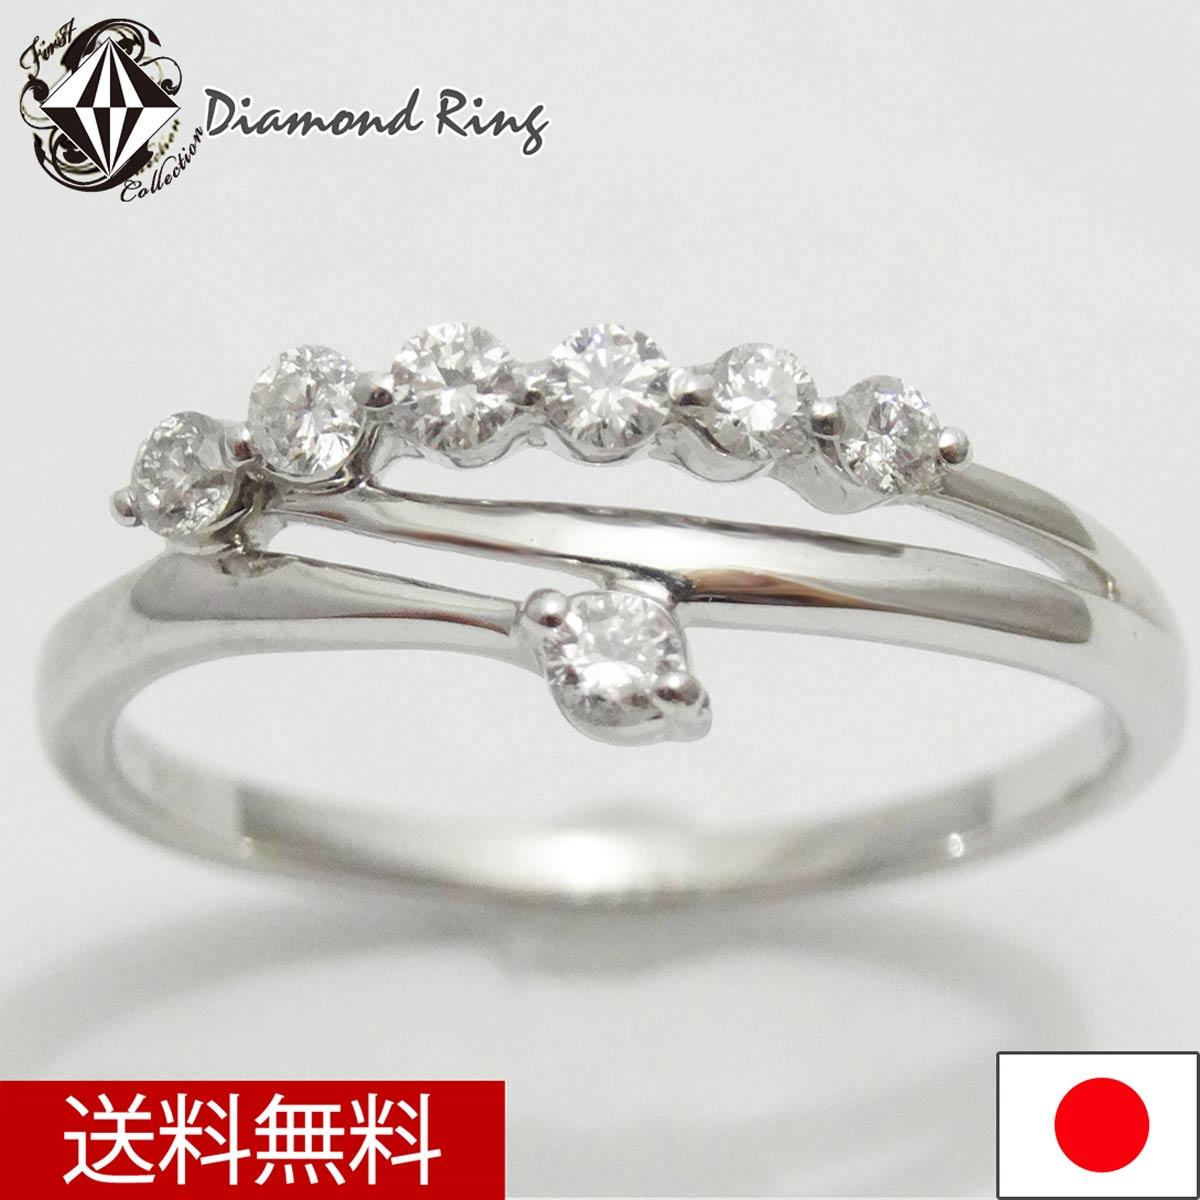 プラチナ ダイヤモンド リング 流れ星デザイン 0.23ct PT900 指輪 天然 シンプル 11.5号